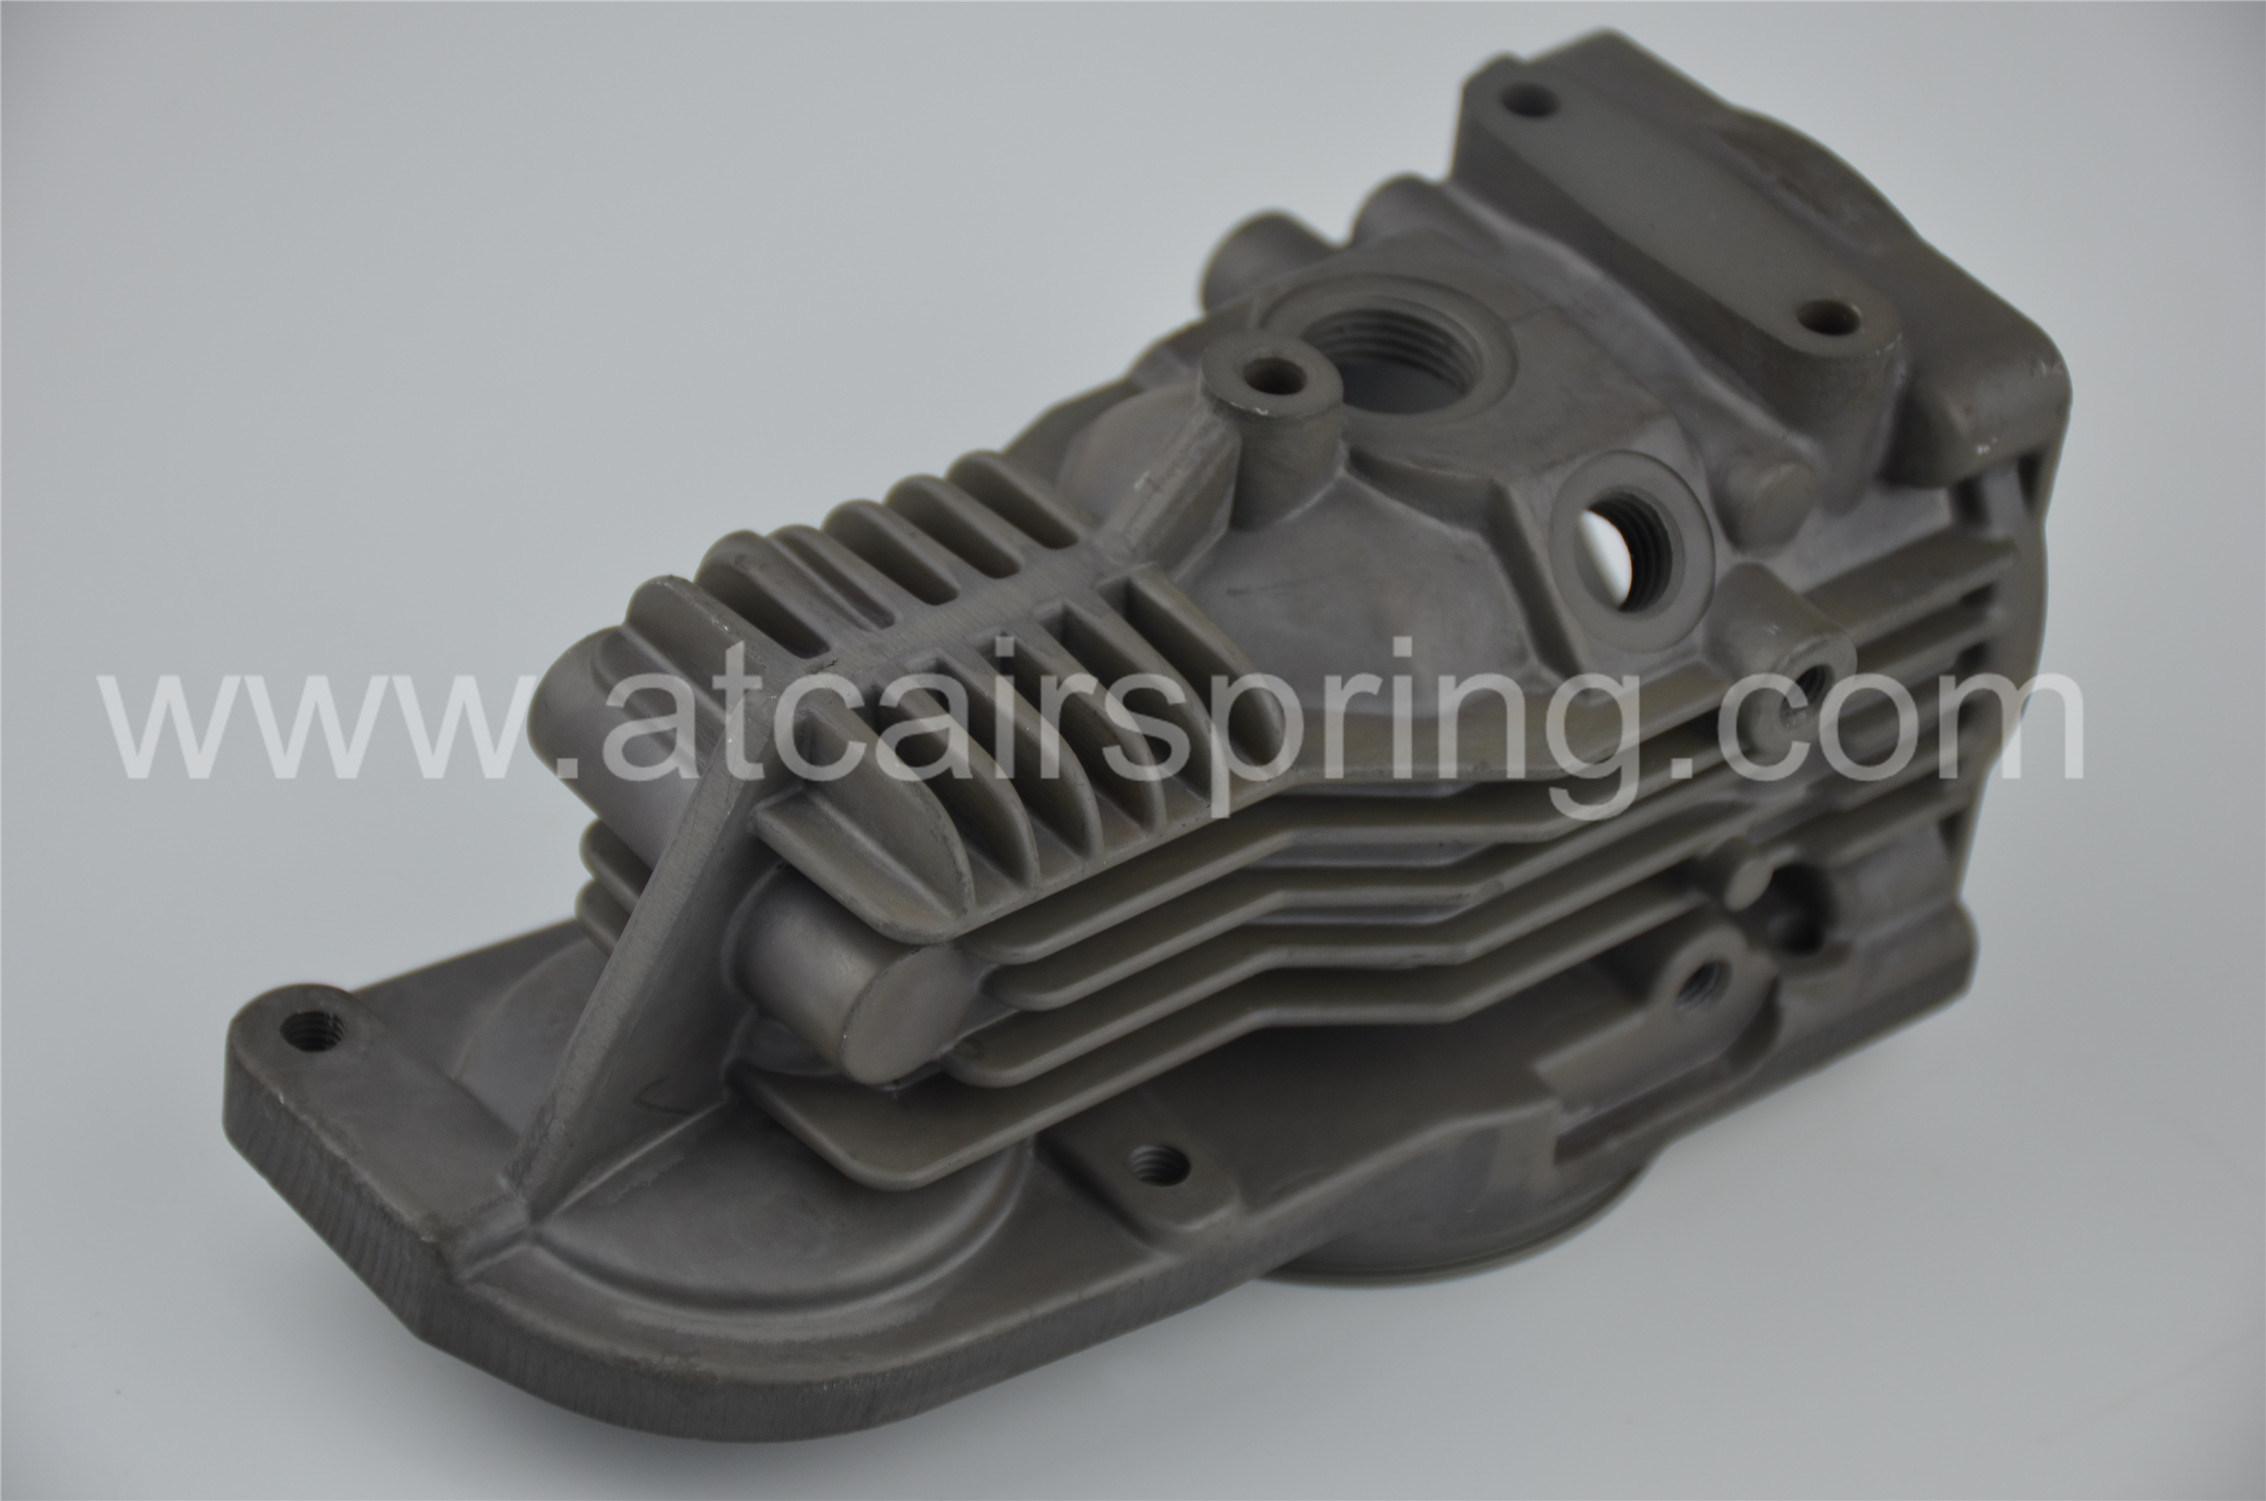 1643200304 W164 Air Suspension Compressor Pump Piston Cylinder for Mercedes Benz